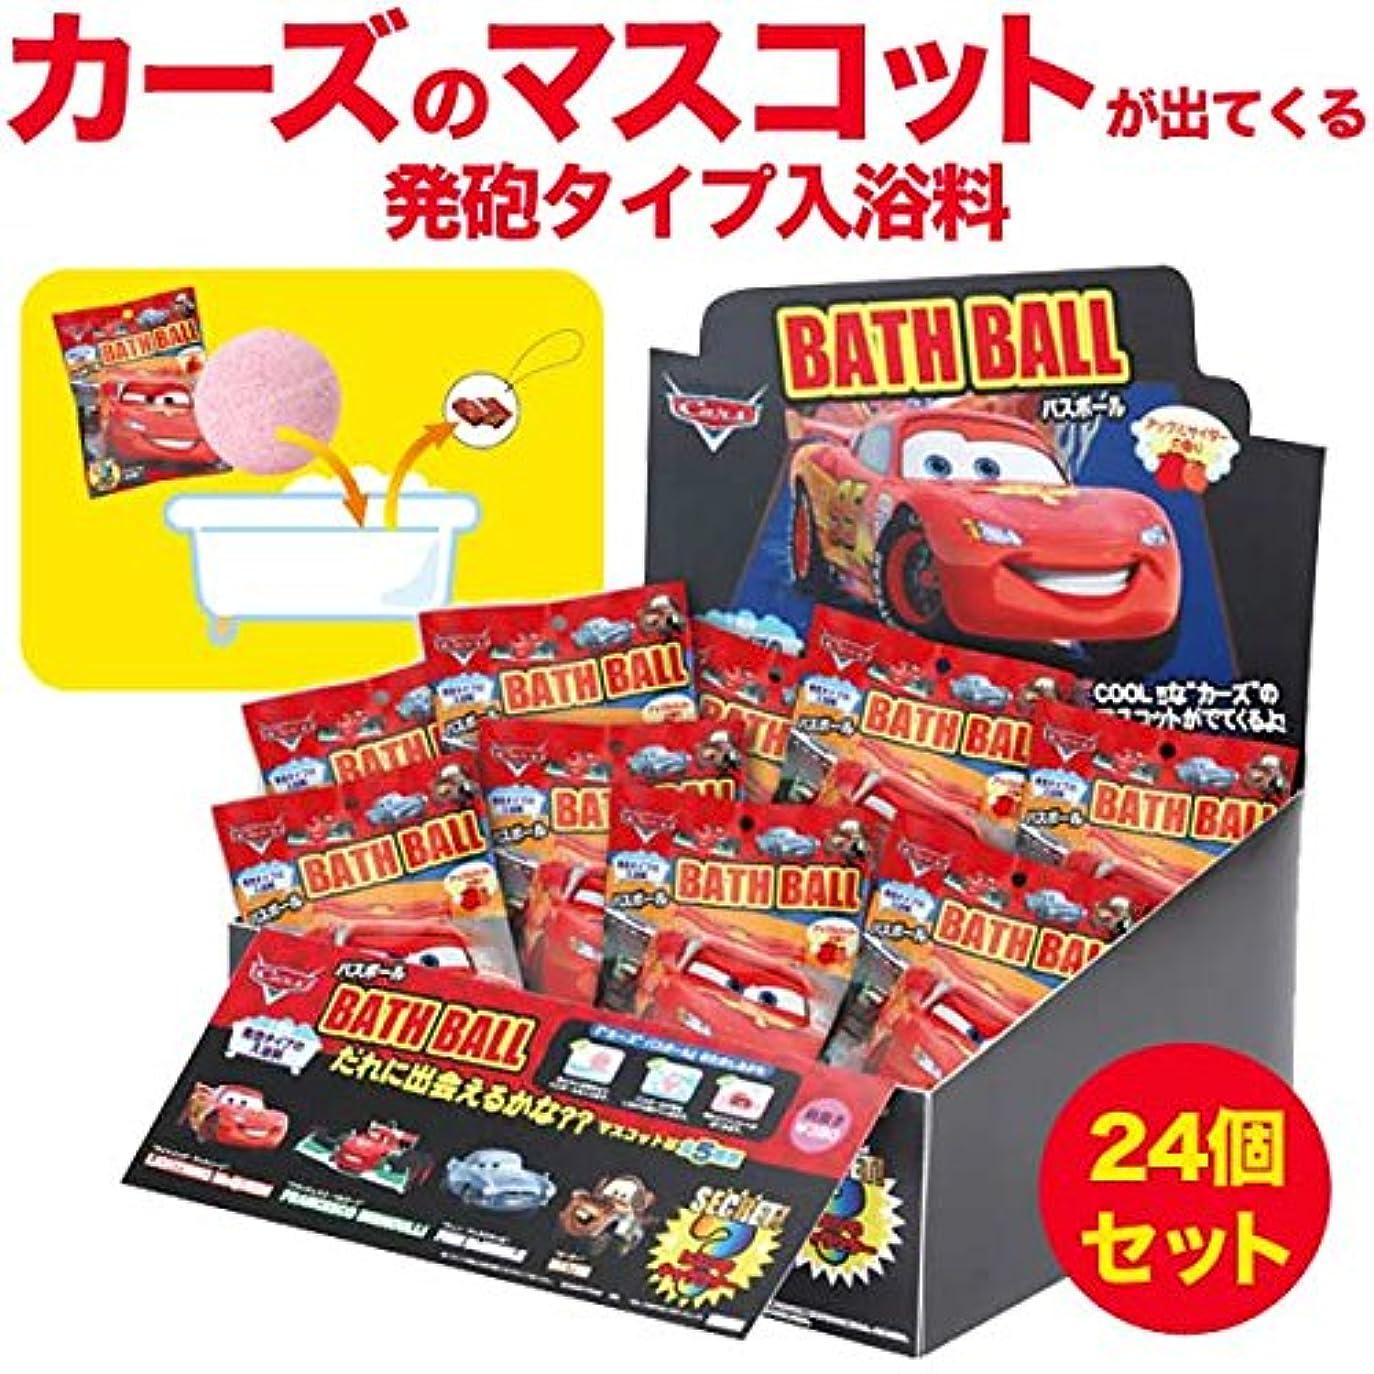 備品見つける自動車福袋 (セット品) カーズ バスボール ディスプレイボックス入り 24個セット